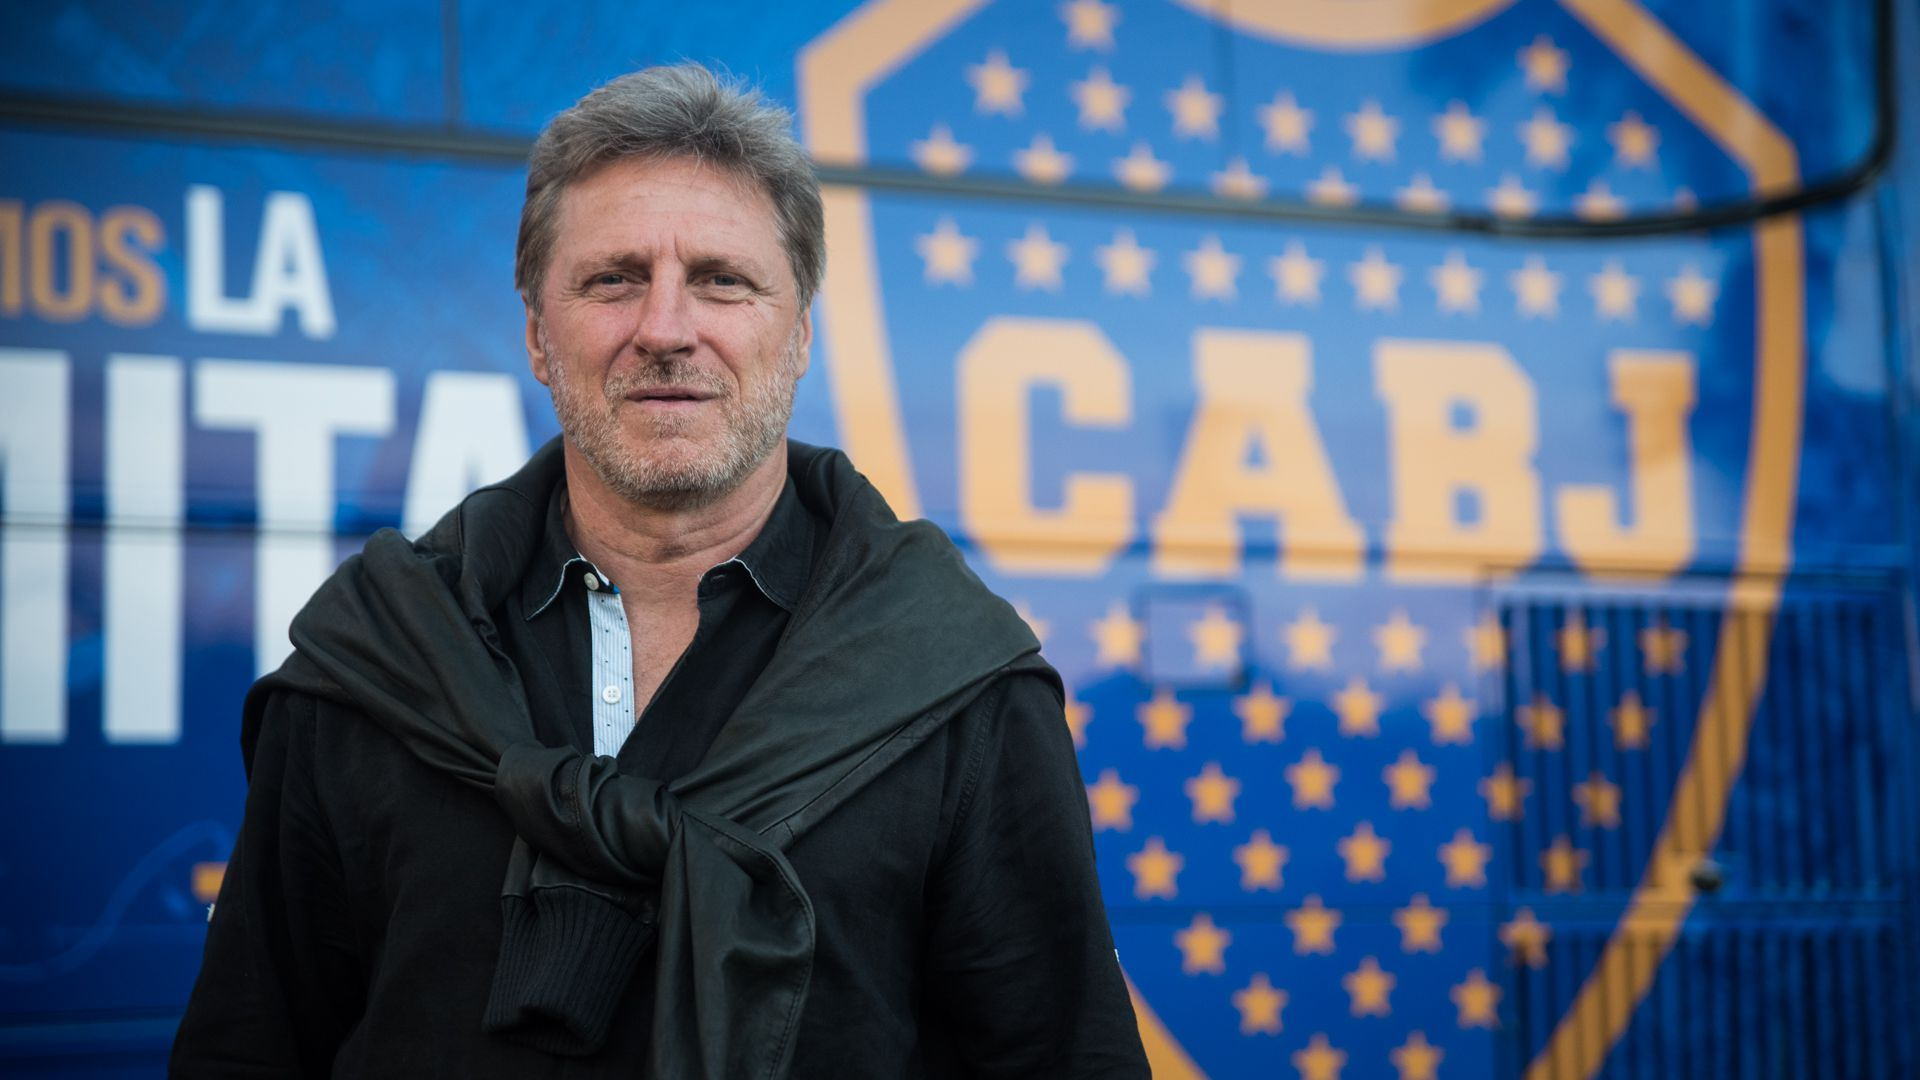 Quique Hrabina, ex defensor y emblema de Boca Juniors (Foto: Manuel Cortina)